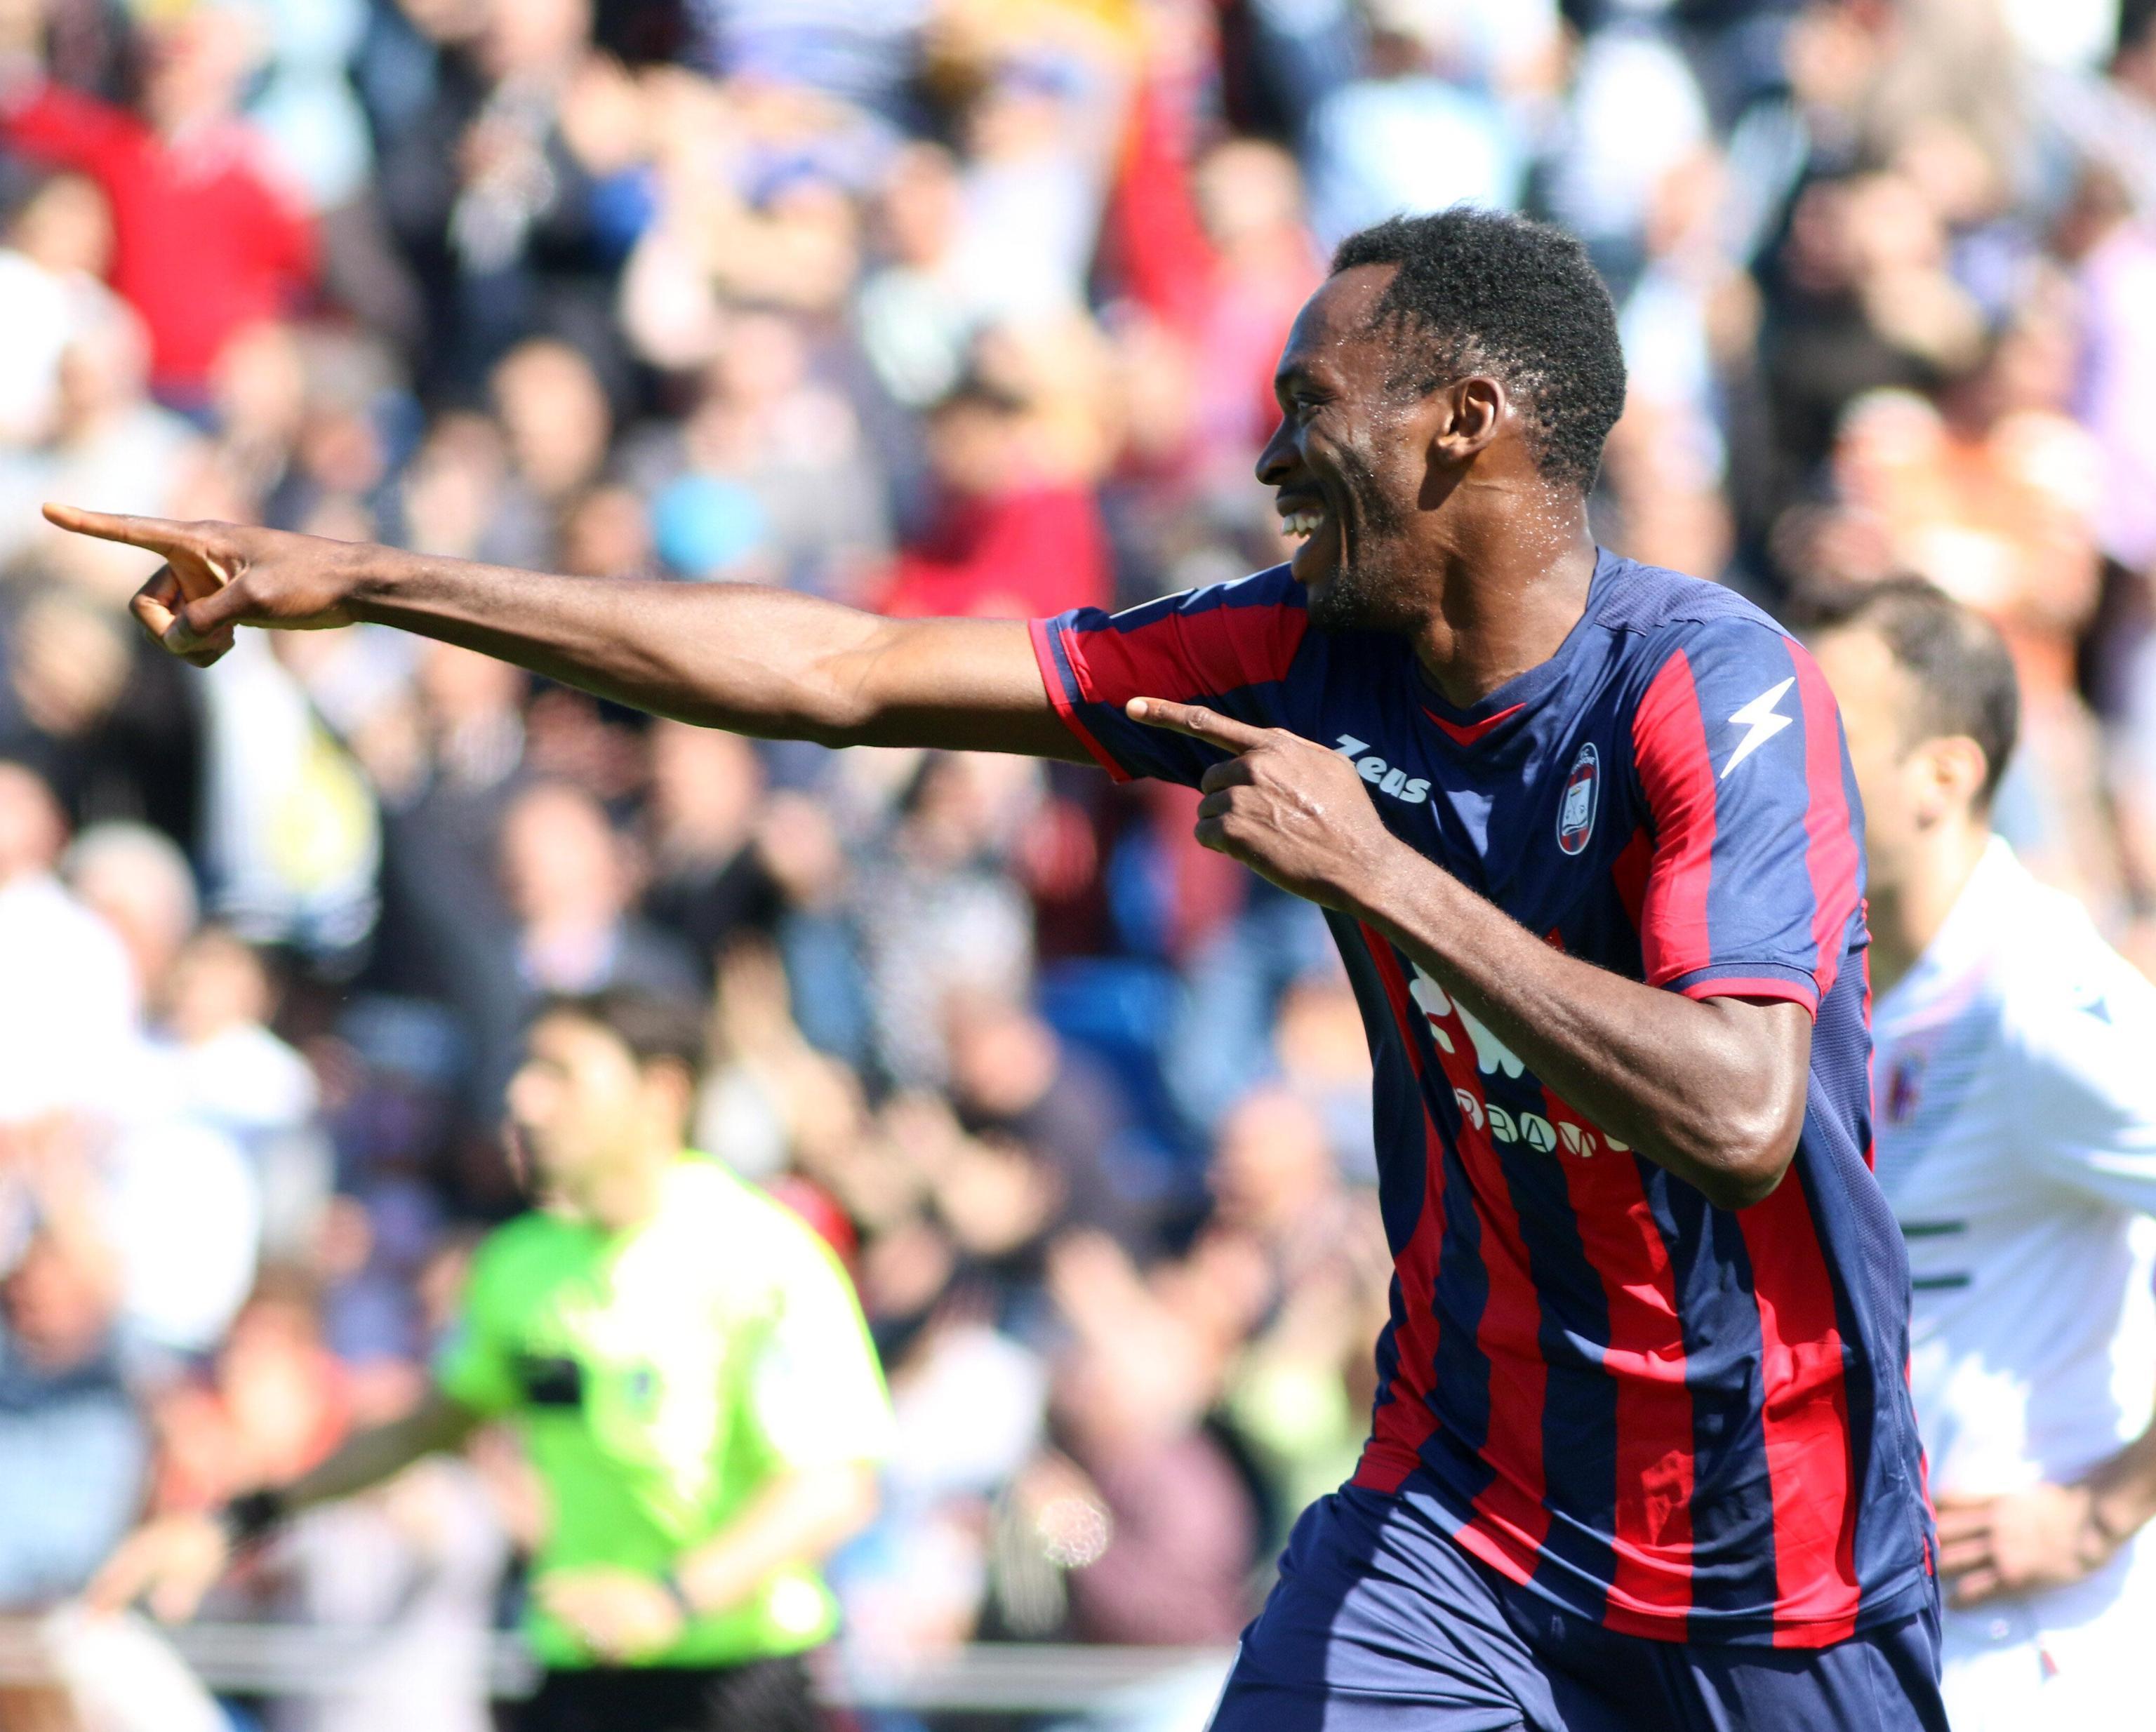 Serie A, Crotone-Bologna 1-0: Simy infiamma la lotta salvezza